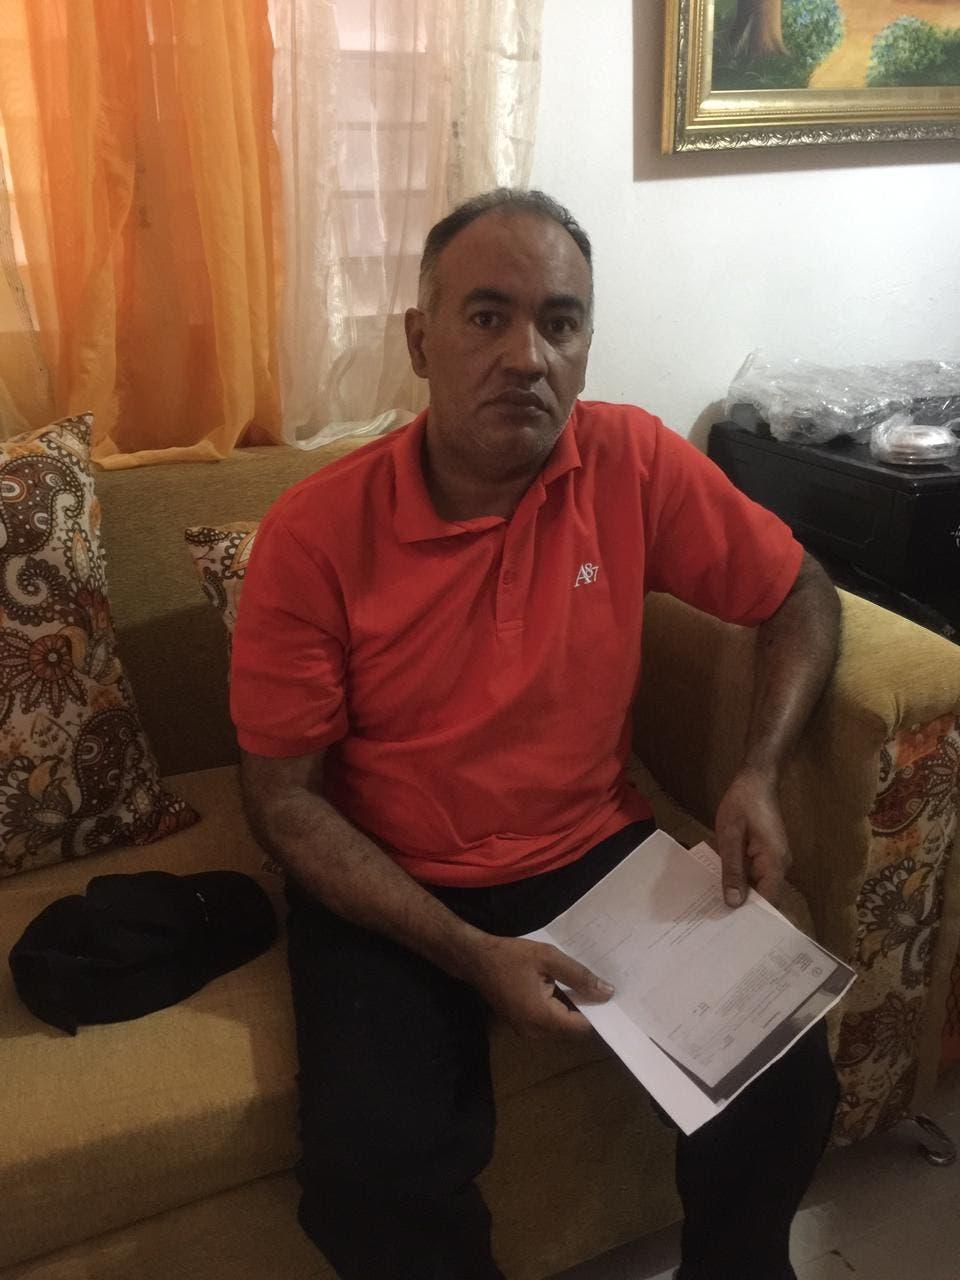 Padre de familia pide ayuda para costear medicamentos contra cáncer